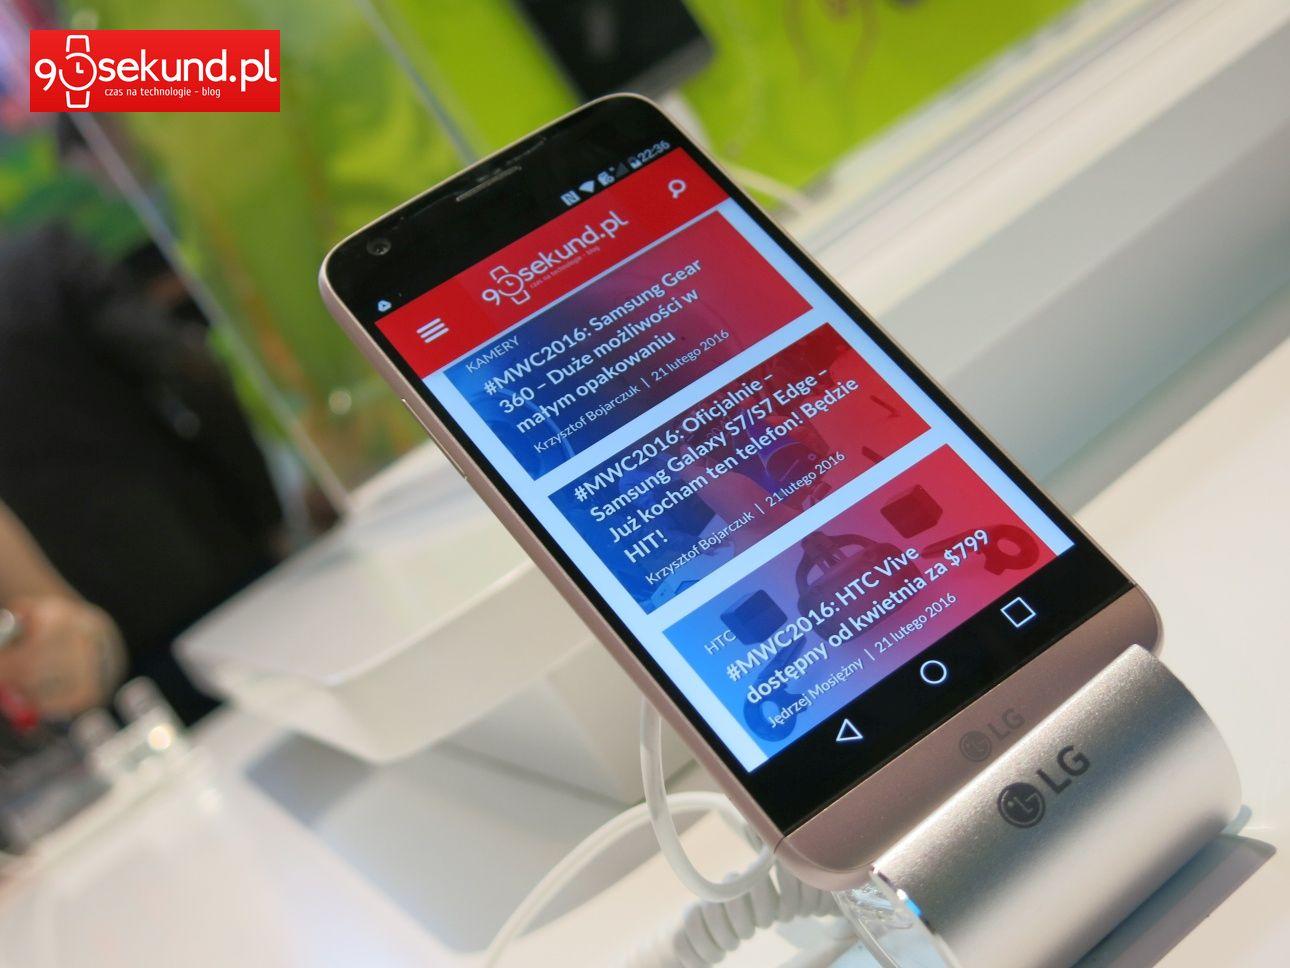 LG G5 - 90sekund.pl